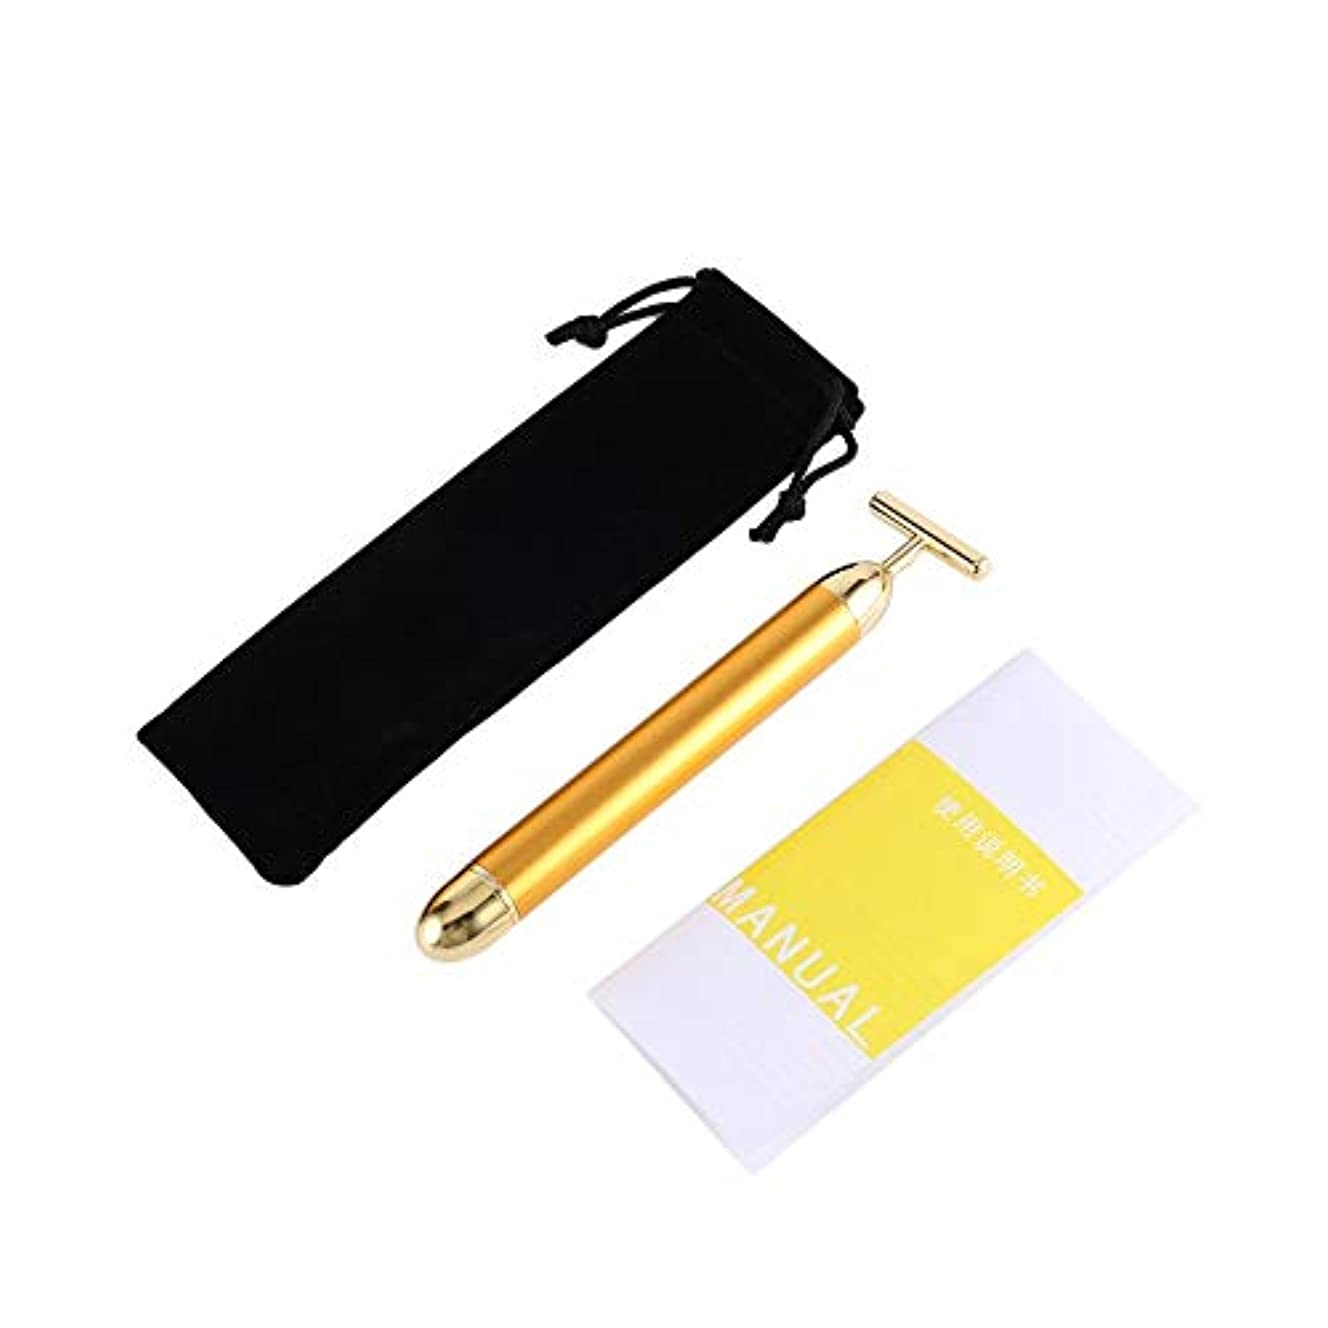 高原メナジェリーうつエネルギー美容ツールフェイシャルマッサージャーTシェイプフェイシャル美容ケア振動フェイシャルビューティーマッサージャーエネルギー振動バー(Color:golden)(Size:with bag)